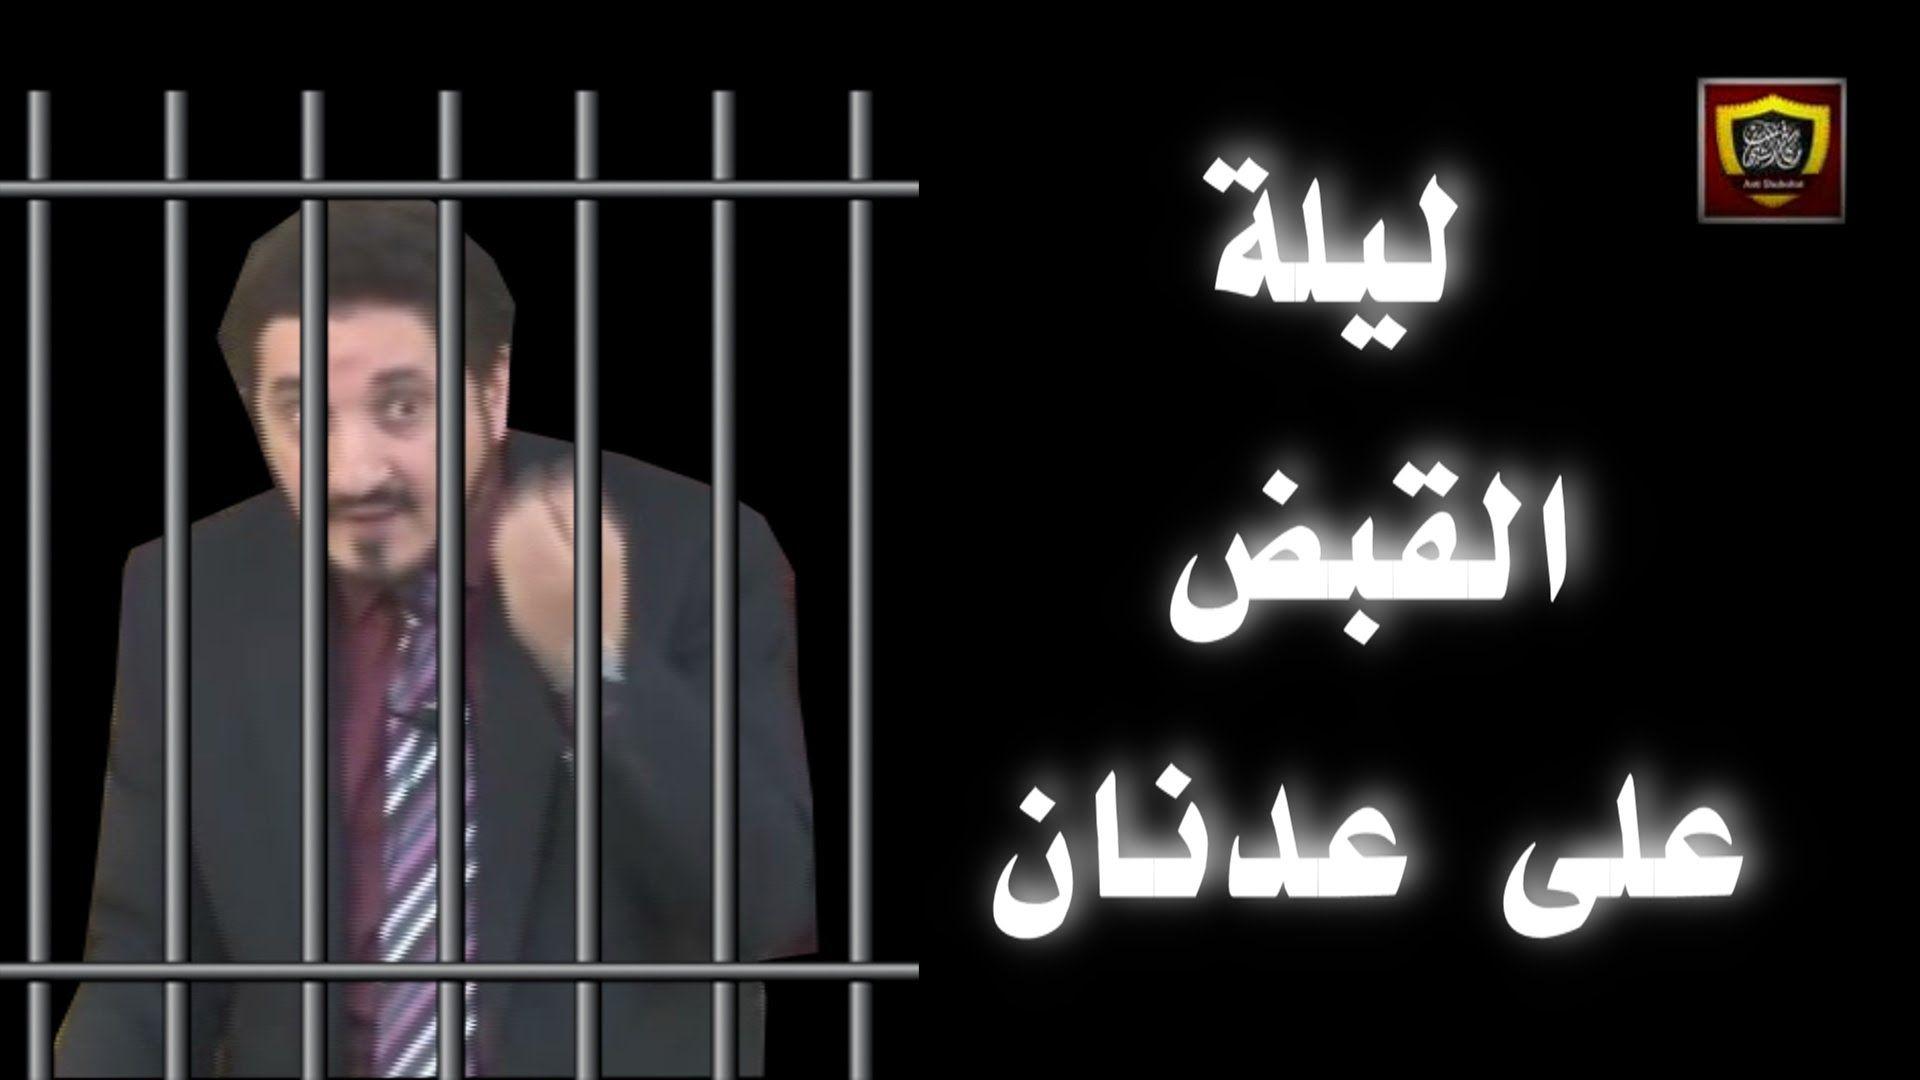 ليلة القبض على عدنان إبراهيم Neon Signs Signs Beliefs